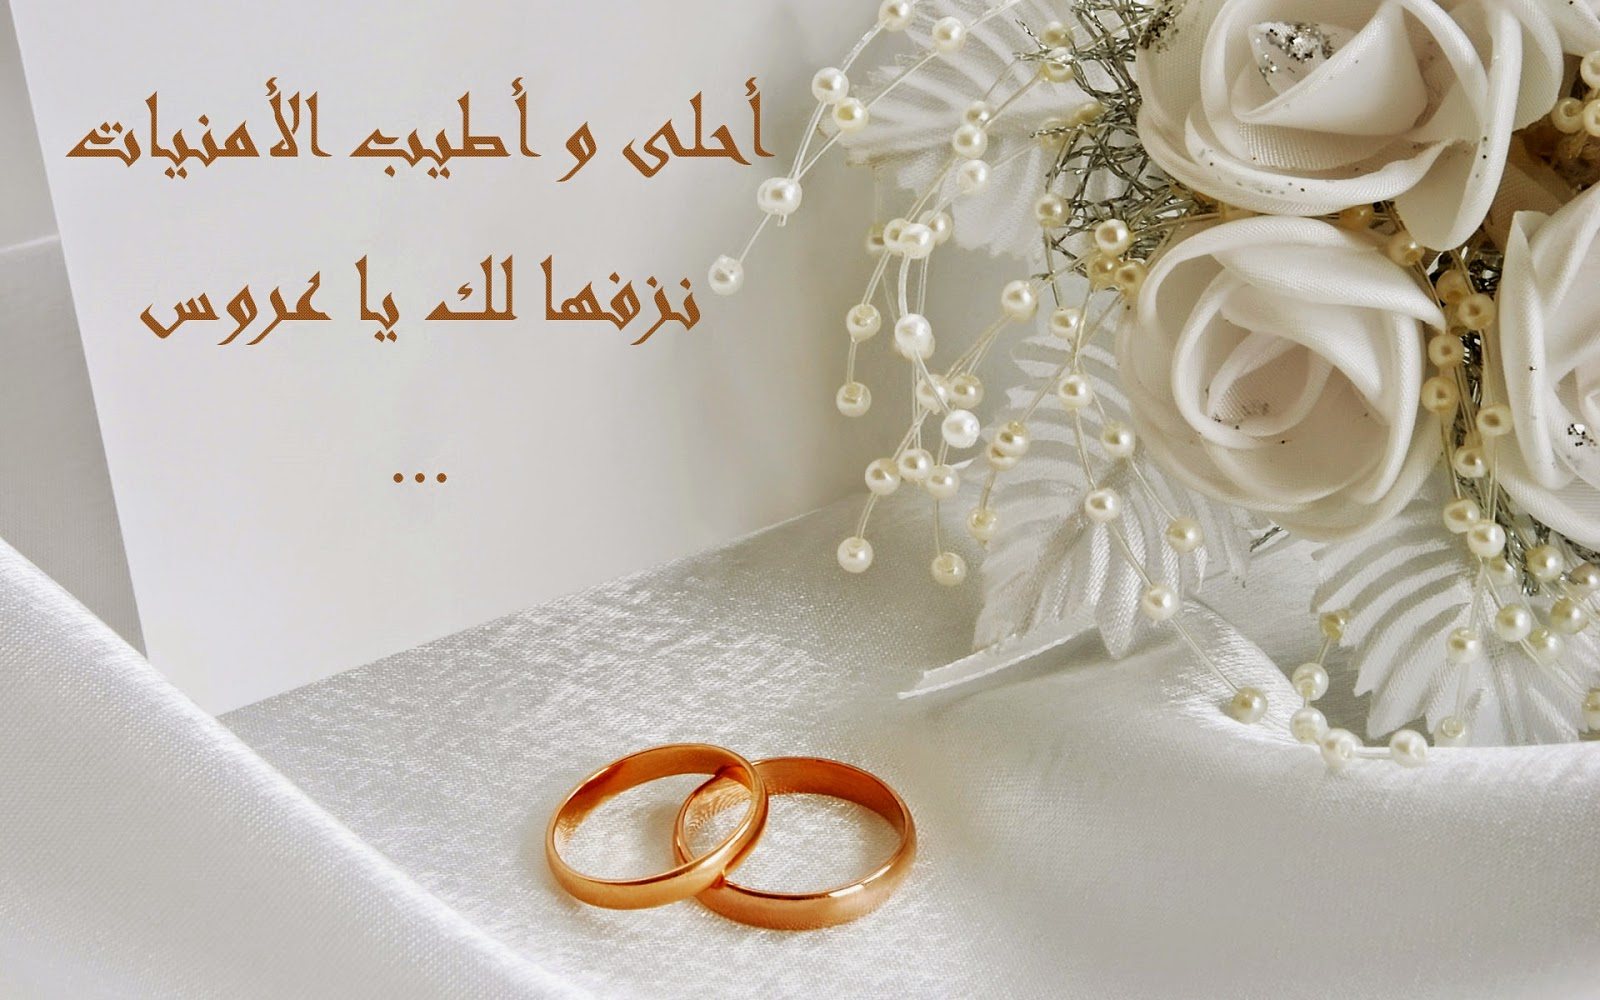 بالصور كلمات تهنئة بالزواج , ارق كلمات التهنئة 2293 6